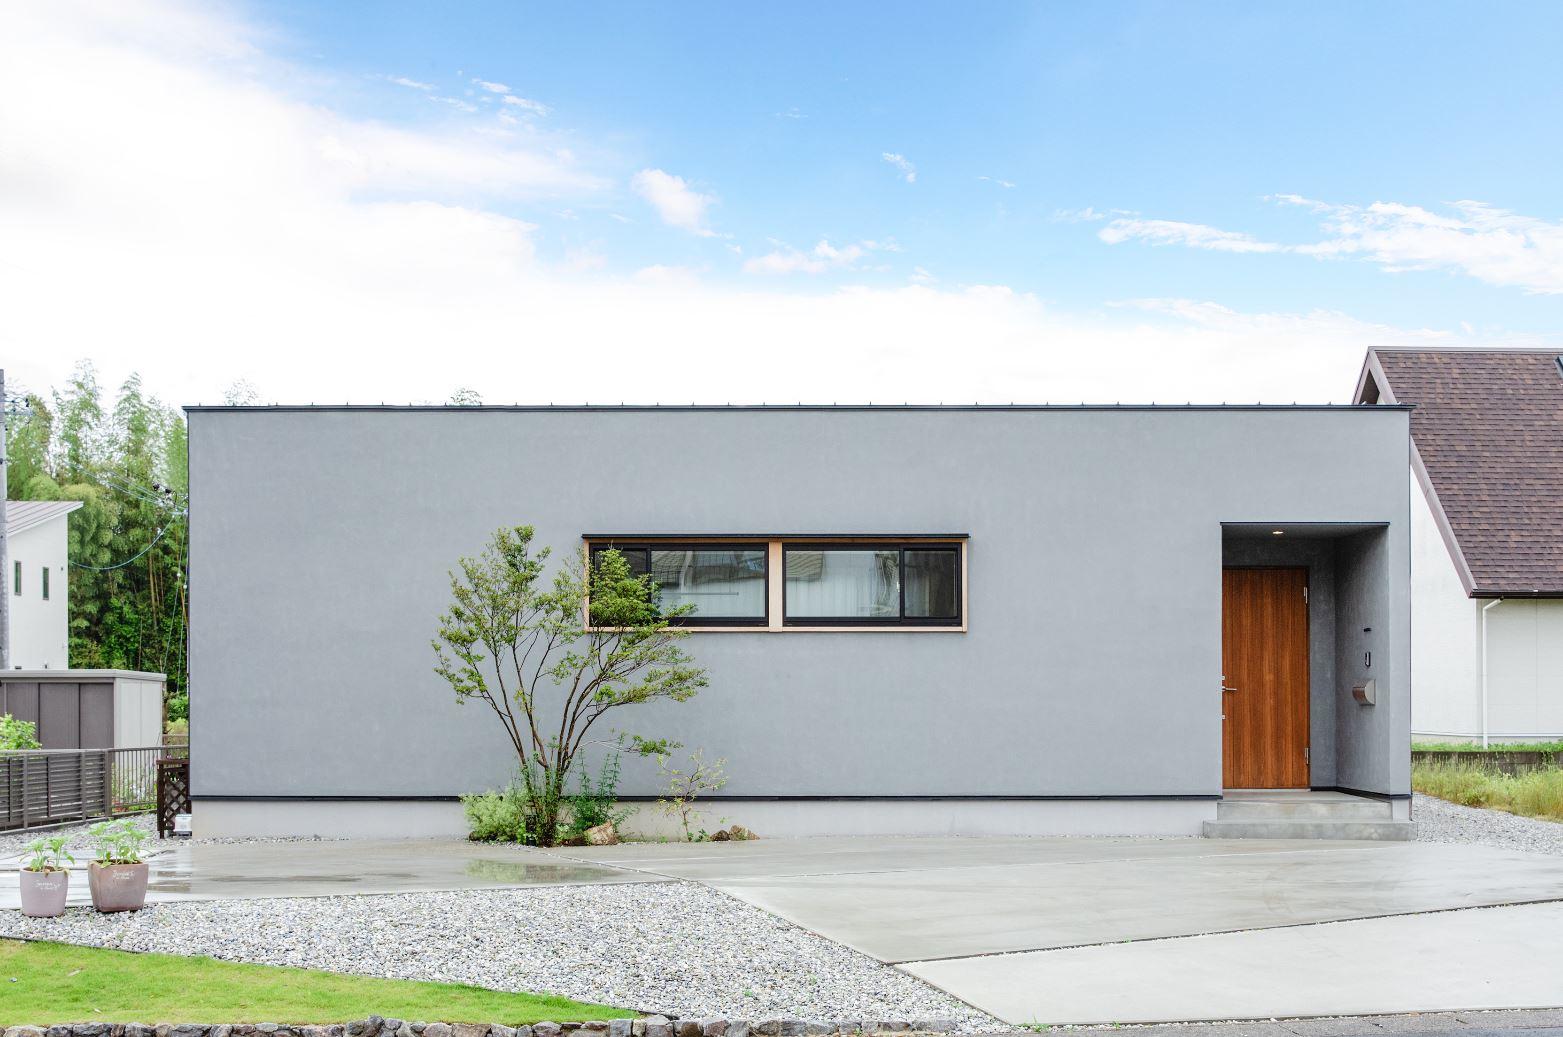 S.CONNECT(エスコネクト)【デザイン住宅、間取り、平屋】実家がマンションで、階段の無い生活が当たり前だったこともあり、計画当初から平屋を希望していた